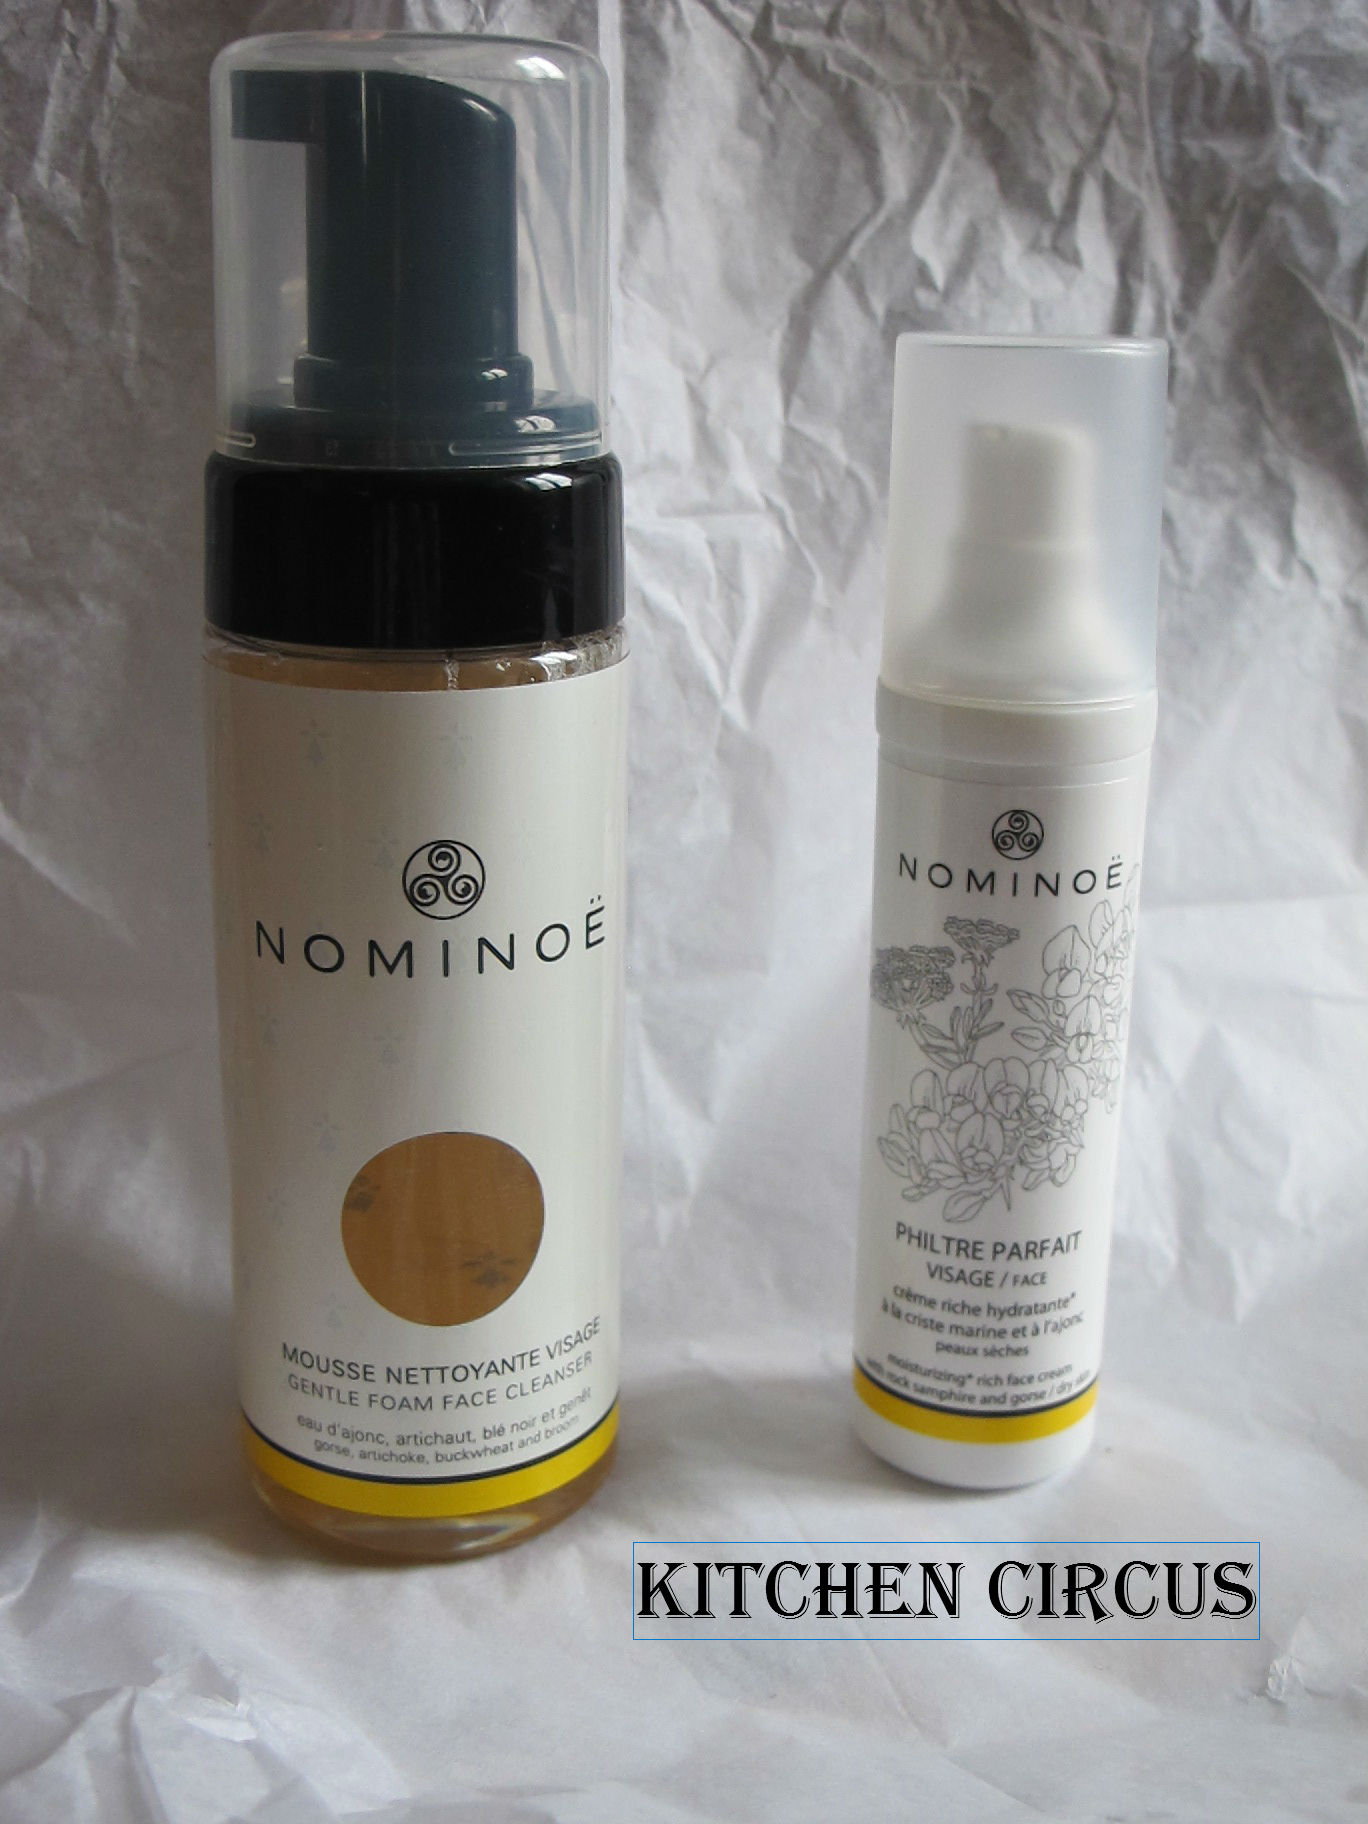 Côté beauté: Le philtre de beauté et la mousse nettoyante Nominoé (Gros coup de coeur) dans côté beauté img_3873